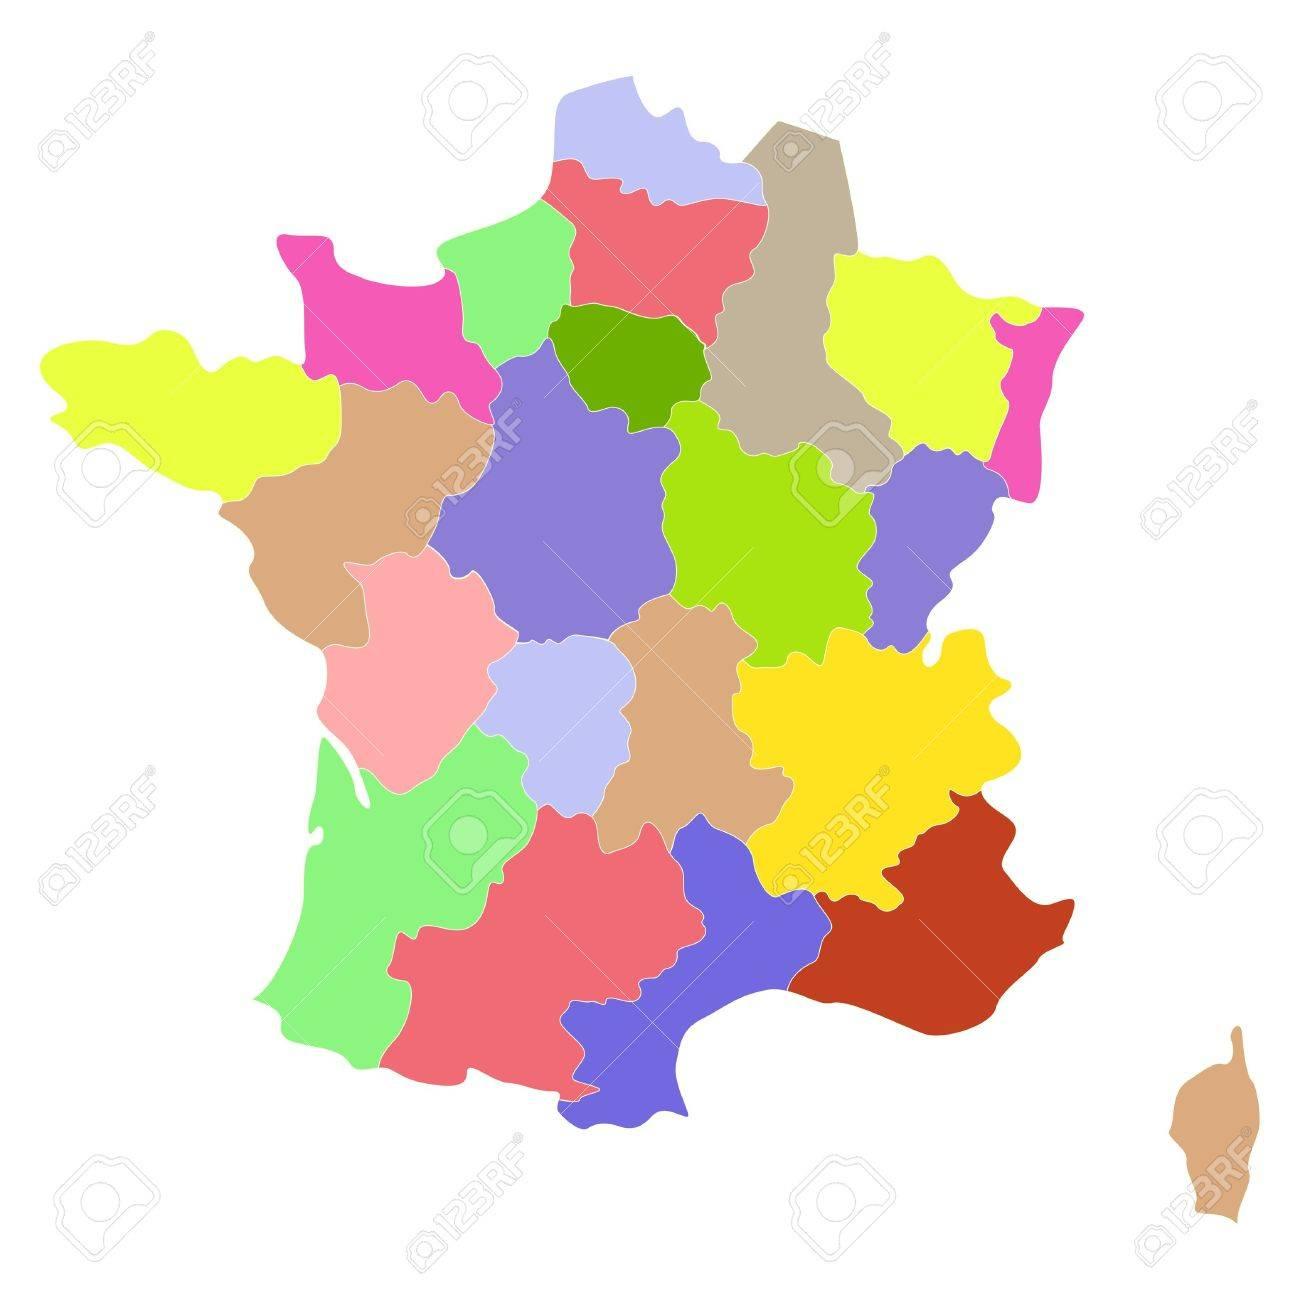 Carte De France Avec Les Régions Et Les Comtés. avec Carte De France Avec Les Régions